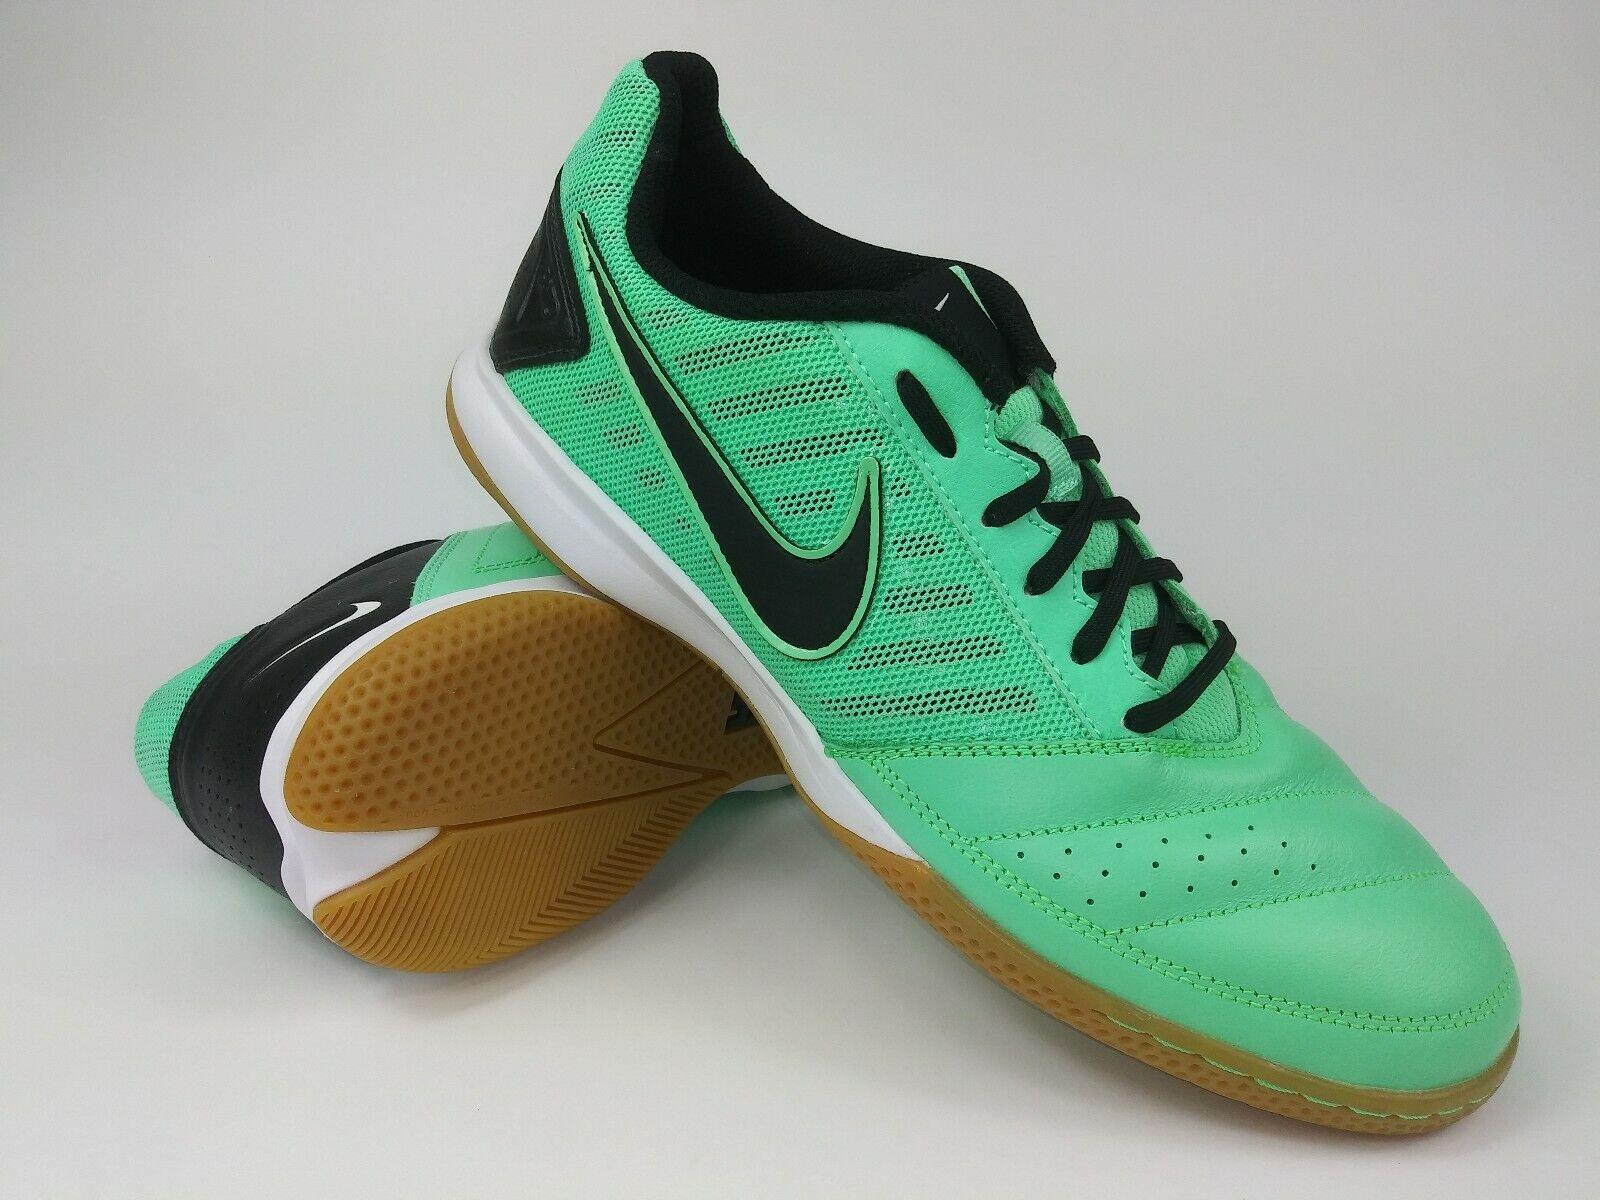 Nike Hombre Raro,Antiguo Gato II 580453-301 verde Brilla Fútbol Indoor Zapatos